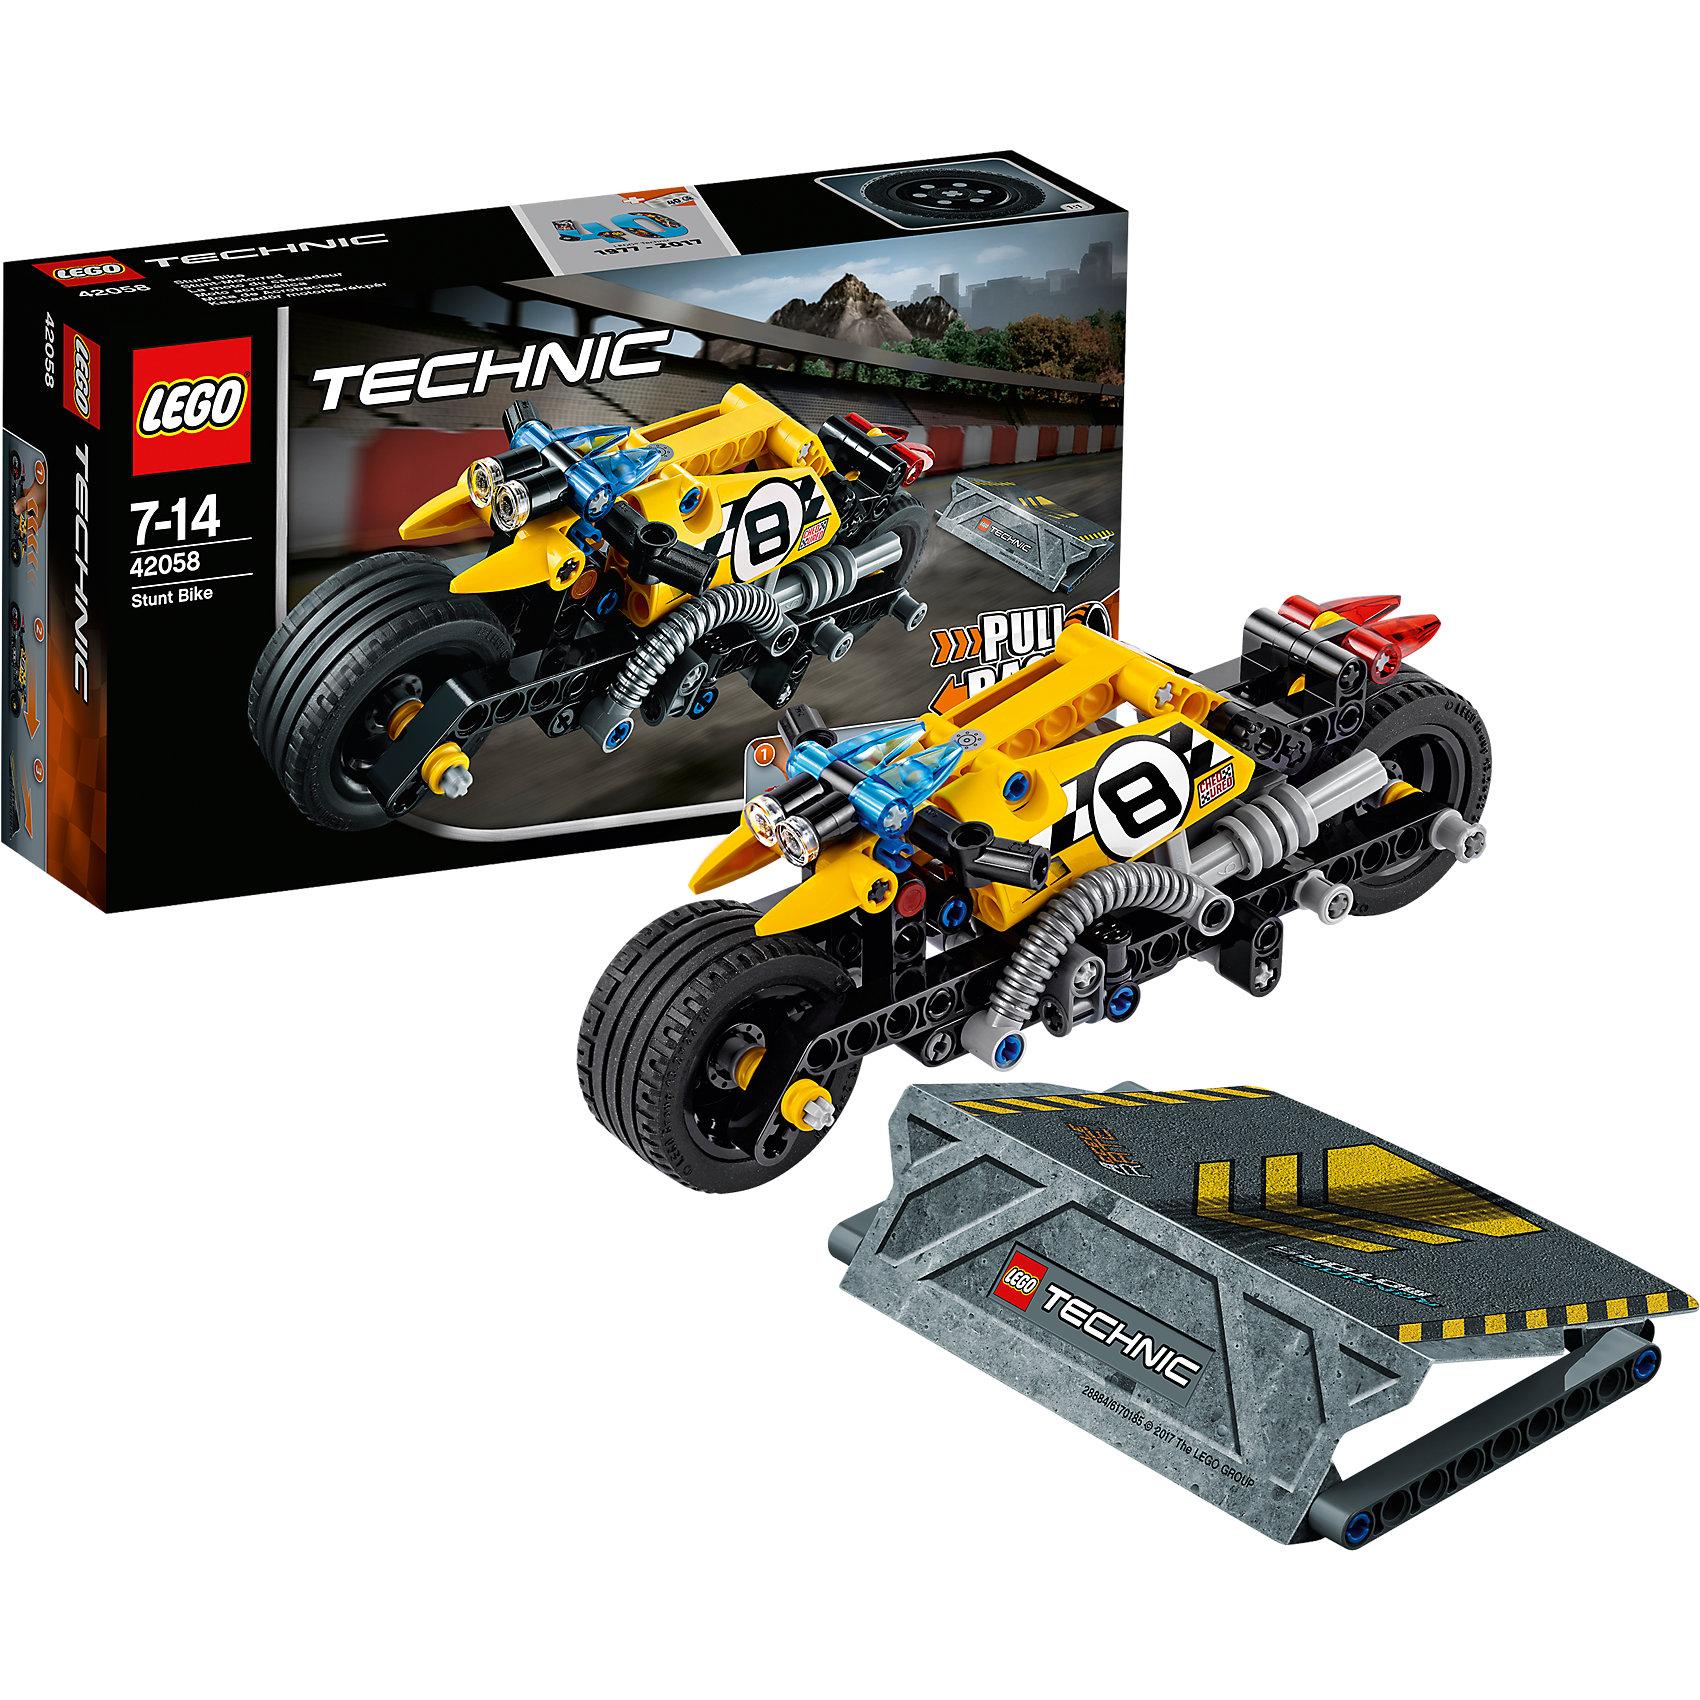 LEGO Technic 42058: Мотоцикл для трюковПластмассовые конструкторы<br>LEGO Technic 42058: Мотоцикл для трюков<br><br>Характеристики:<br><br>- в набор входит: детали мотоцикла и рампы, наклейки, инструкция по сборке<br>- состав: пластик<br>- количество деталей: 140<br>- приблизительное время сборки: 25 мин.<br>- размер мотоцикла: 18 * 7 * 7 см.<br>- размер рампы: 9 * 12 * 2 см.<br>- для детей в возрасте: от 7 до 14 лет<br>- Страна производитель: Дания/Китай/Чехия<br><br>Легендарный конструктор LEGO (ЛЕГО) представляет серию «Technic», которая бросает вызов уже опытным строителям ЛЕГО. Ваш ребенок может строить продвинутые модели с реальными функциями, такими как коробки передач и системы рулевого управления. В набор включена уникальная деталь, посвященная сорокалетию серии. <br><br>Наслаждайтесь строительством нового трюкового мотоцикла с заводным механизмом, позволяющим ему разгоняться за счет завода и спрыгивать с рампы из набора. Высоту переднего колеса можно регулировать, а маленькие декоративные детали делают вид мотоцикла еще более реалистичным. Сборная рампа оснащена небольшими прорезиненными детали, благодаря чему она не сдвигается при исполнении трюков. Набор комбинируется с LEGO Technic 42059: Трюковой грузовик. <br><br>Играя с конструктором ребенок развивает моторику рук, воображение и логическое мышление, научится собирать по инструкции и создавать свои модели. Принимайте новые вызовы по сборке моделей и придумывайте новые истории с набором LEGO «Technic»!<br><br>Конструктор LEGO Technic 42058: Мотоцикл для трюков можно купить в нашем интернет-магазине.<br><br>Ширина мм: 265<br>Глубина мм: 144<br>Высота мм: 66<br>Вес г: 265<br>Возраст от месяцев: 84<br>Возраст до месяцев: 168<br>Пол: Мужской<br>Возраст: Детский<br>SKU: 5002416